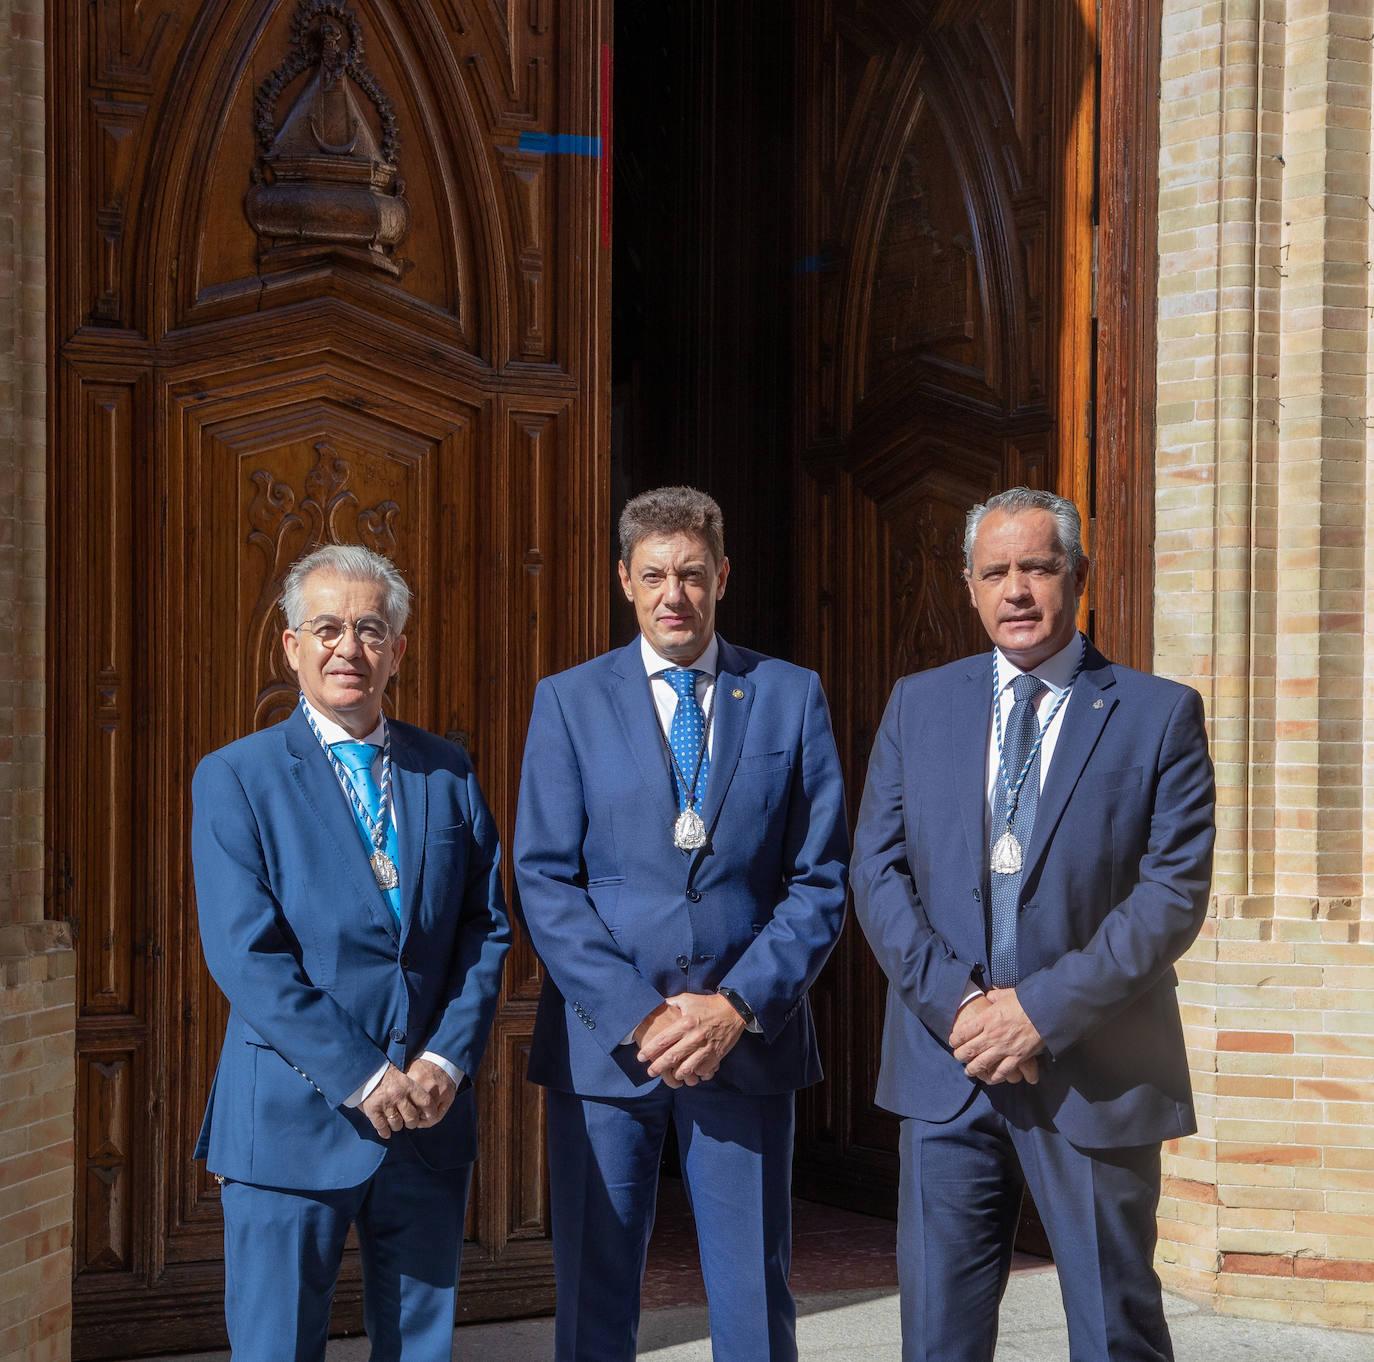 Manuel Vázquez, Joaquín Luque y Manuel José Gómez conforman la otra terna a las elecciones a la Cofradía Matriz de la Virgen de la Cabeza